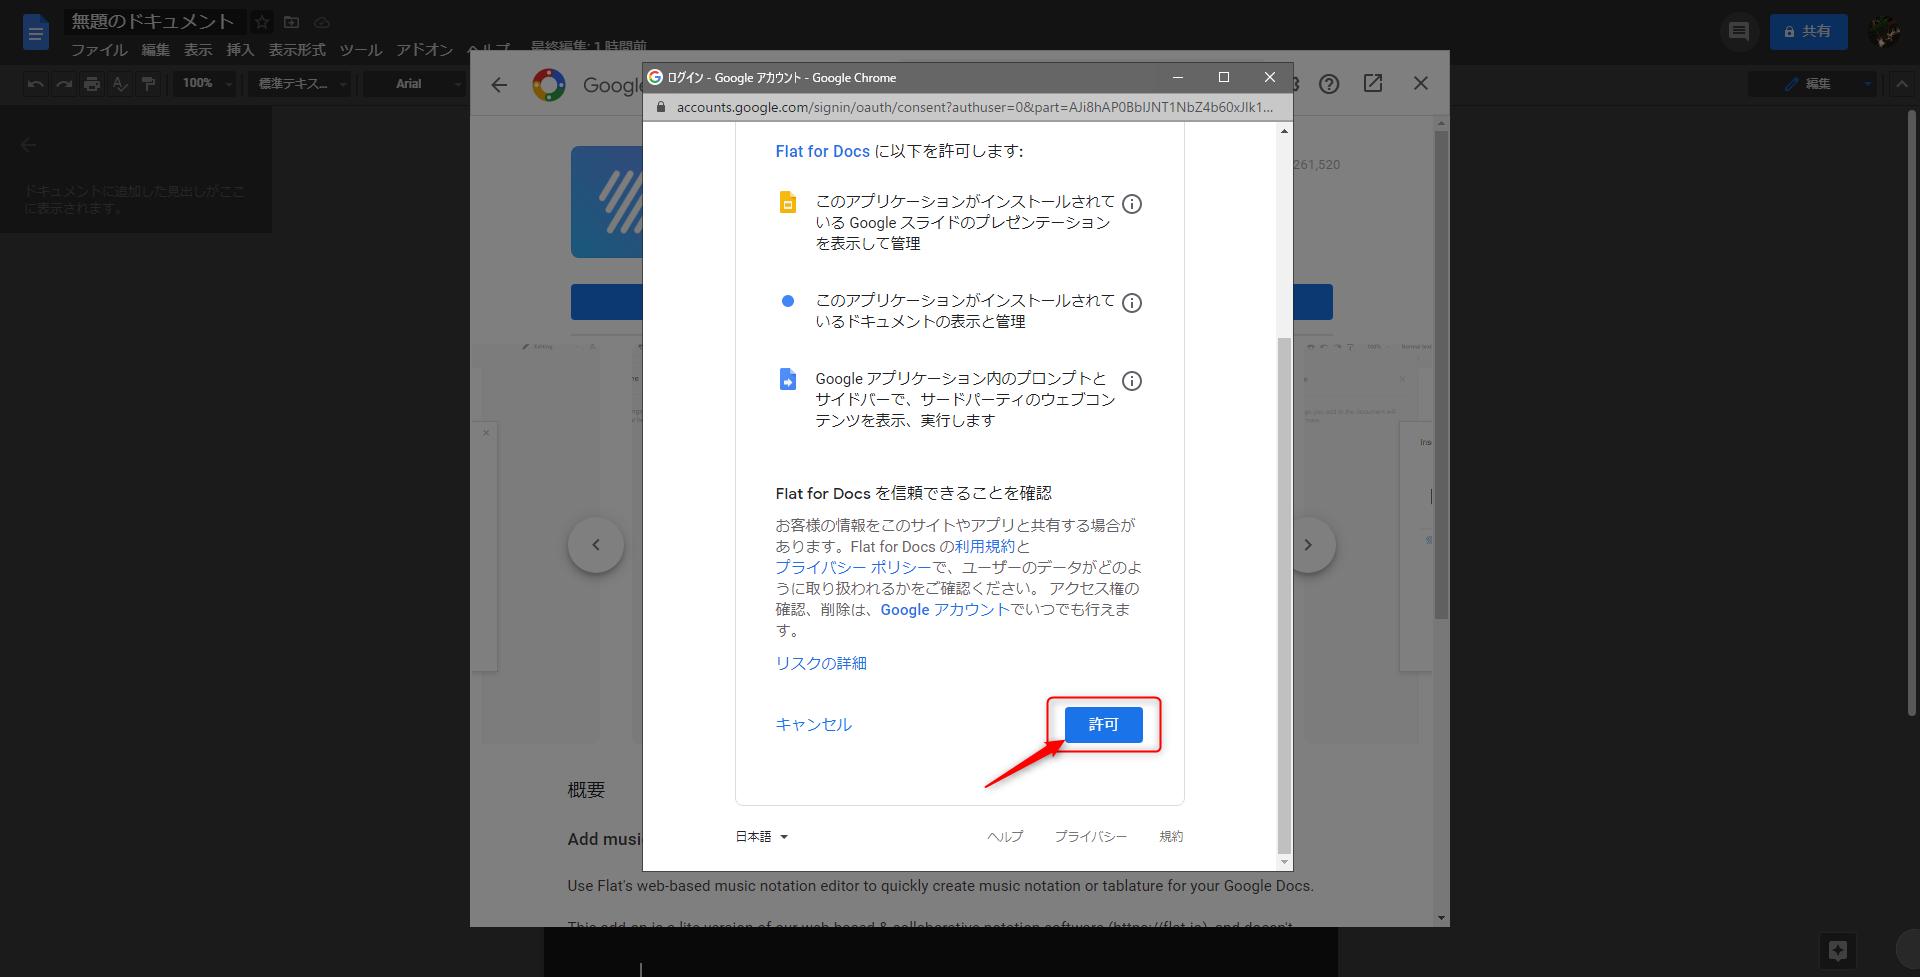 追加するアドオンに与える権限の許可を設定する為の画面